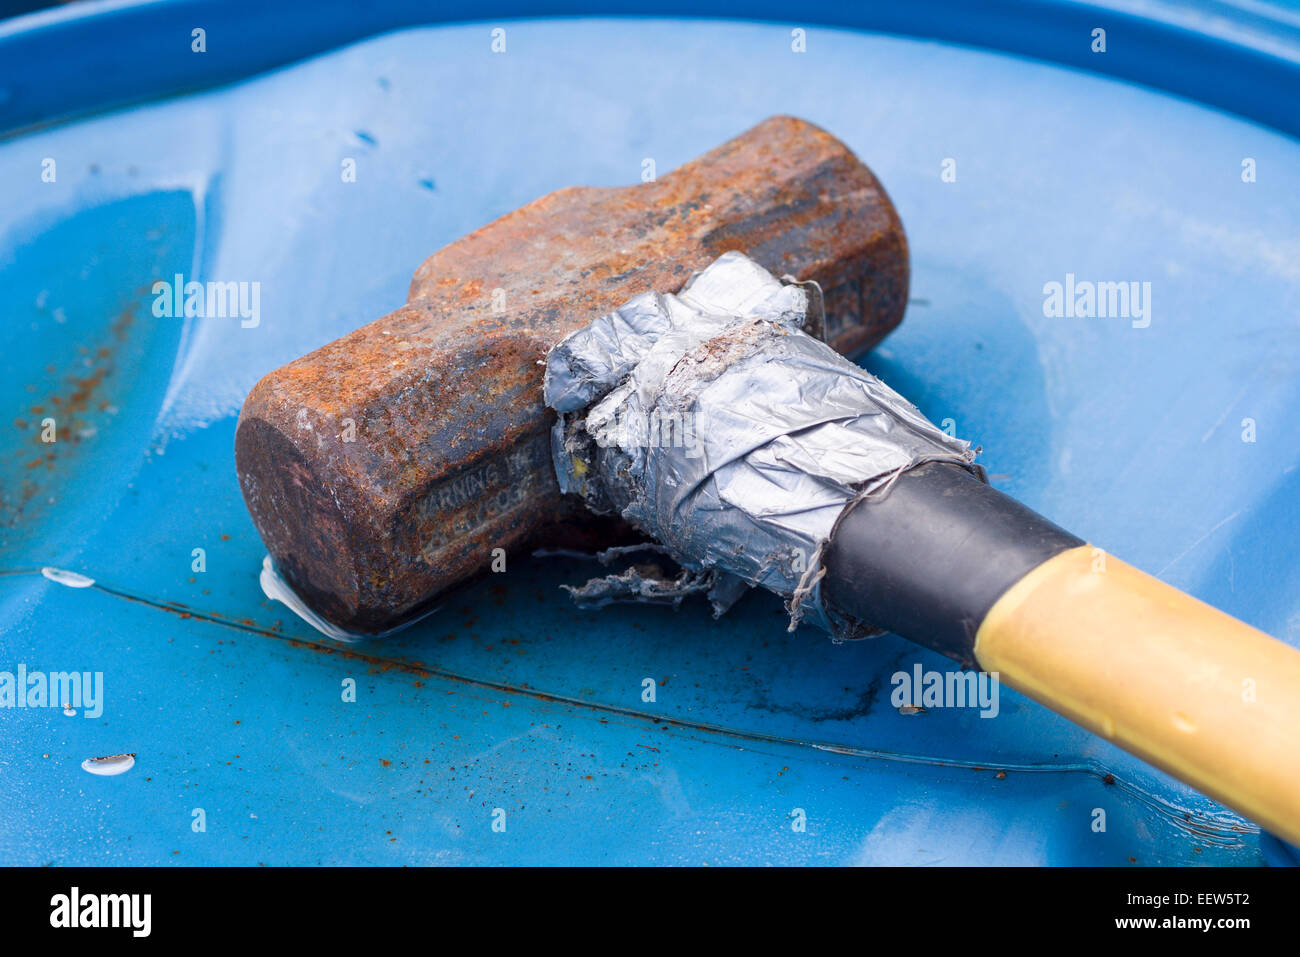 Rusty Mazza fissato con nastro adesivo. Un arrugginito sledge poggia su un blu canna di plastica. La sua impugnatura Immagini Stock